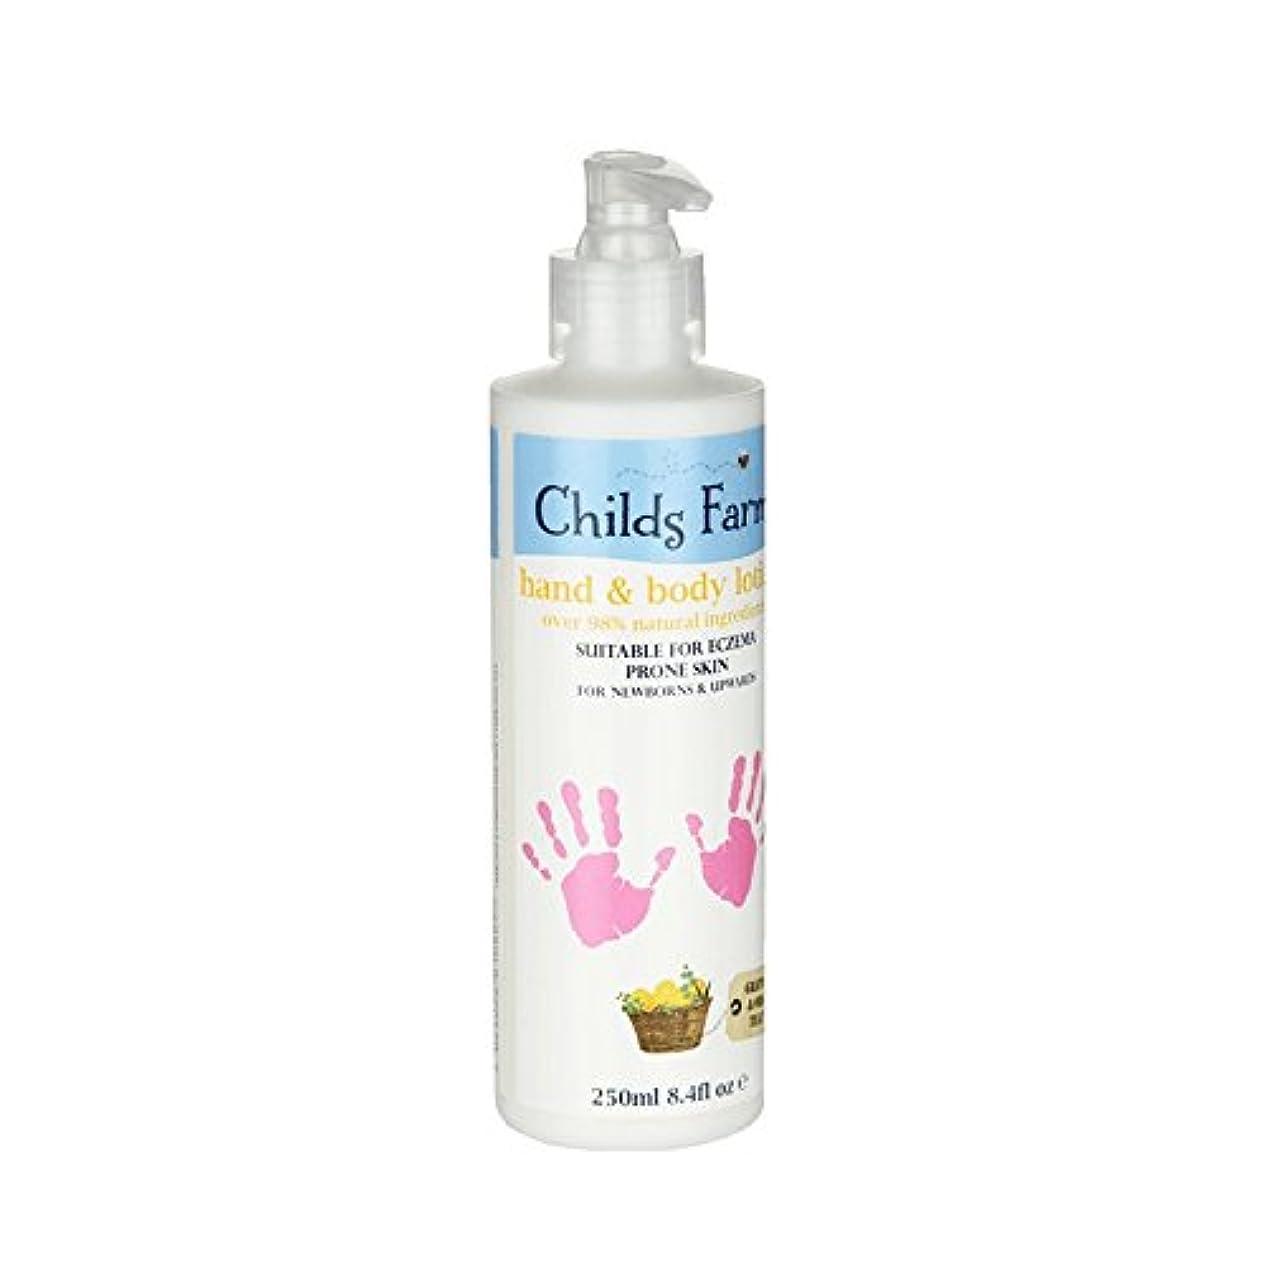 レーザ追い越す起きろ絹のような肌の250ミリリットルのためのチャイルズファームハンド&ボディローション - Childs Farm Hand & Body Lotion for Silky Skin 250ml (Childs Farm) [並行輸入品]